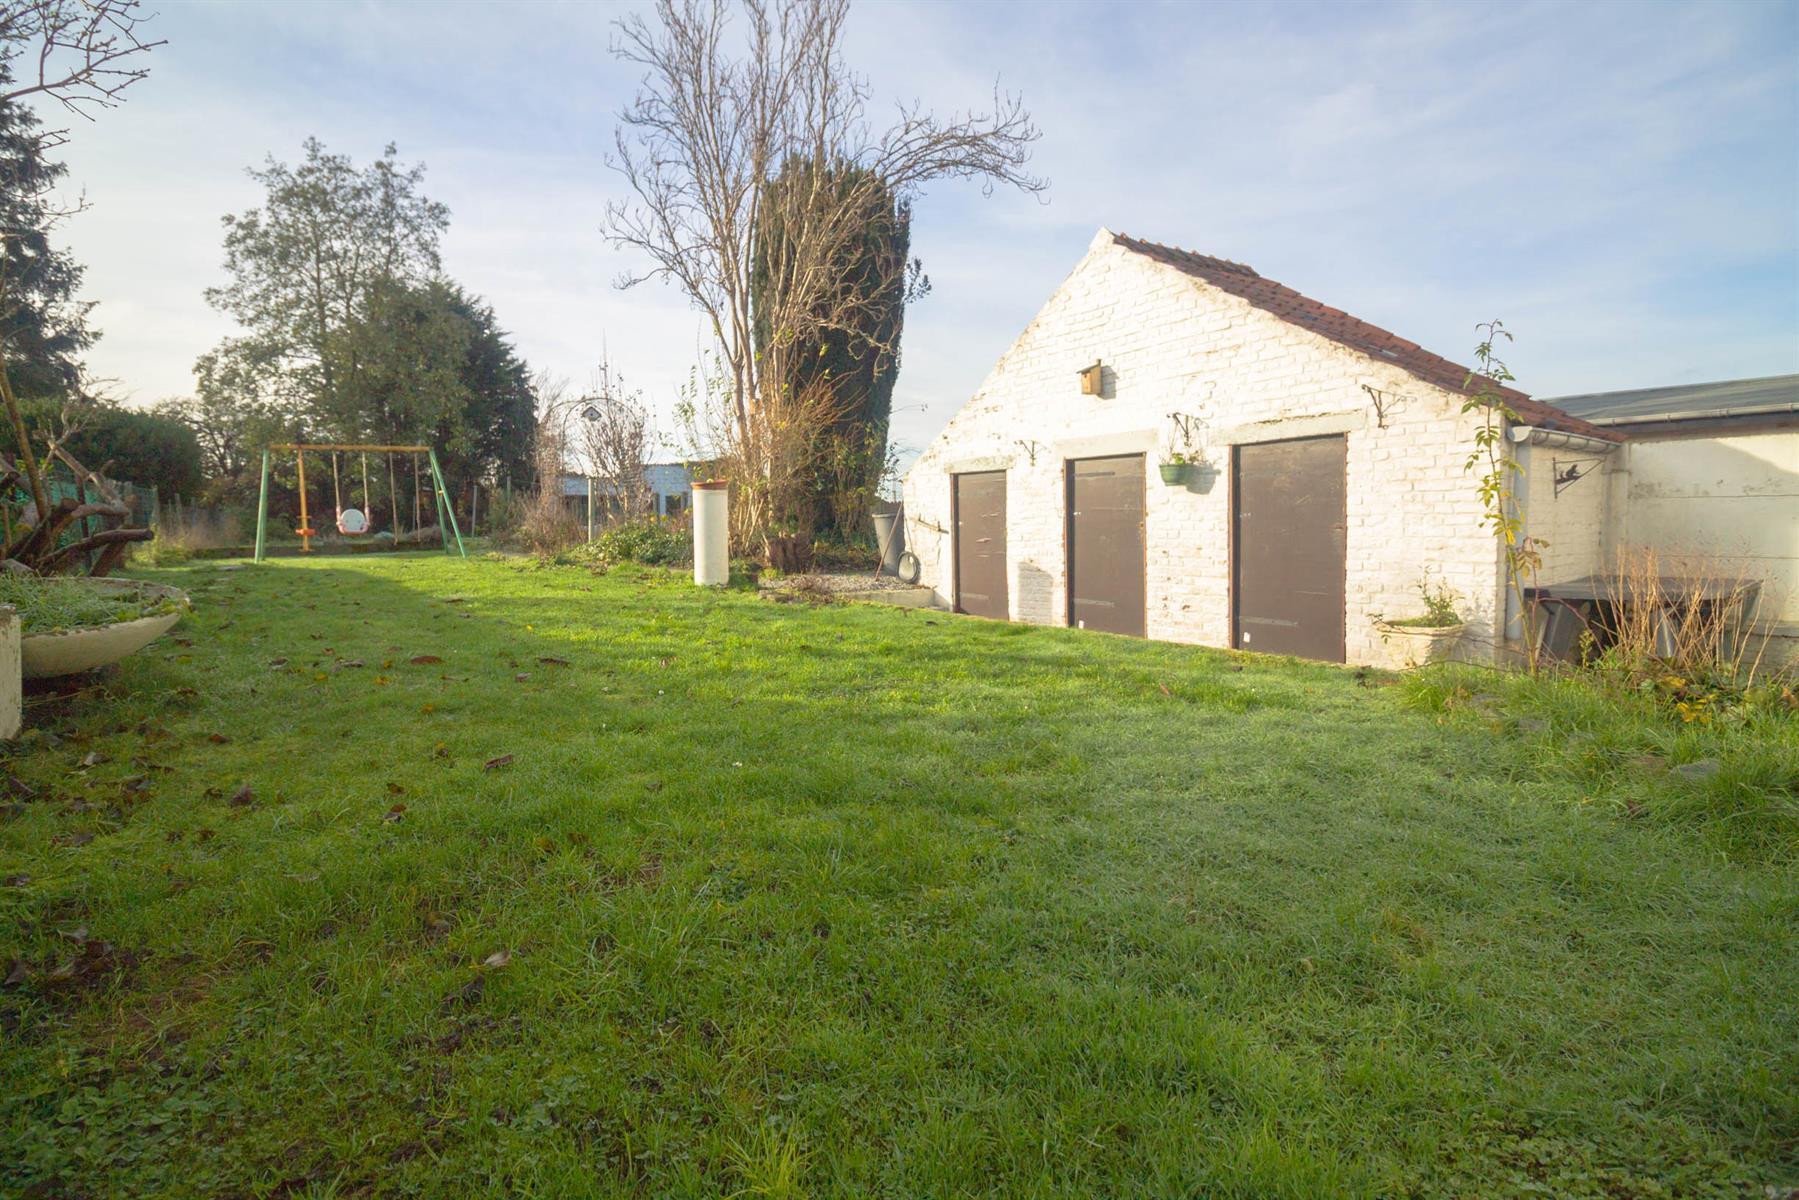 Maison - Trazegnies - #4235937-24